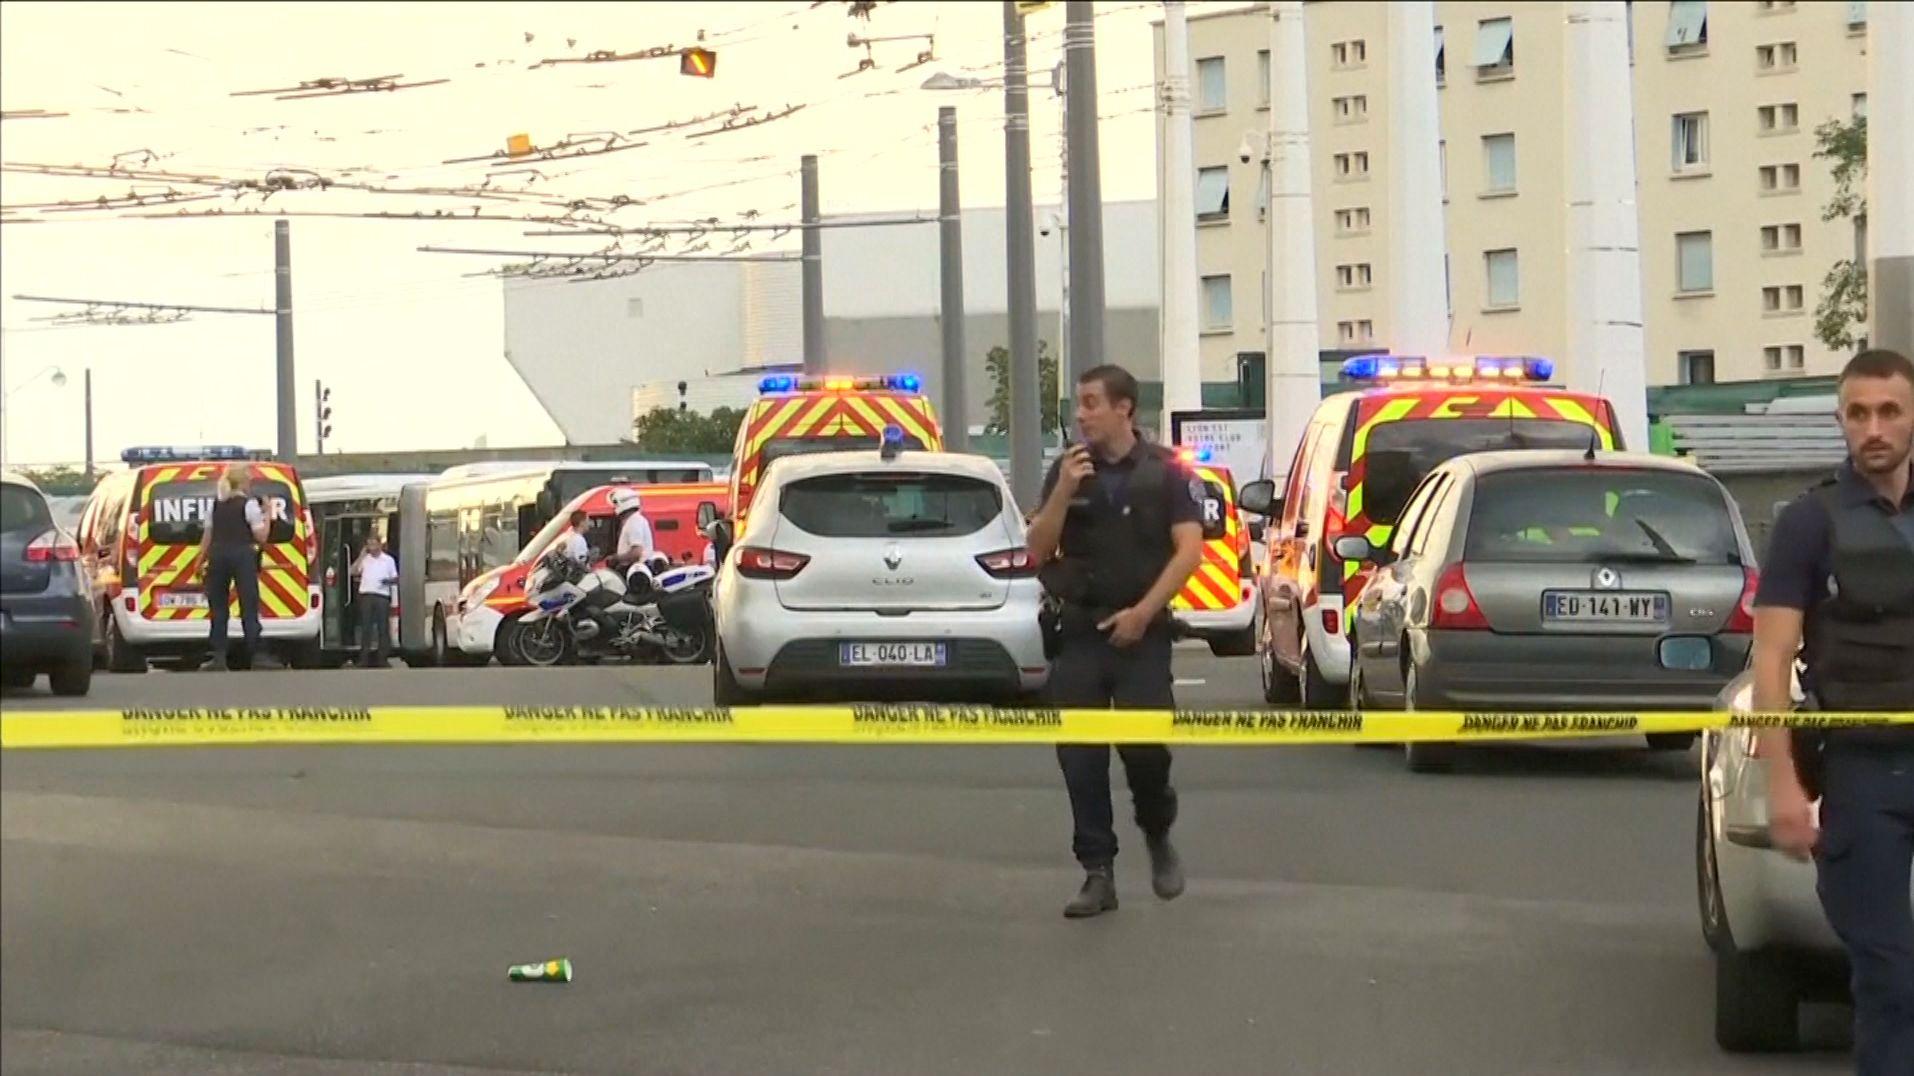 Ein Toter und Verletzte bei Messerattacke bei Lyon